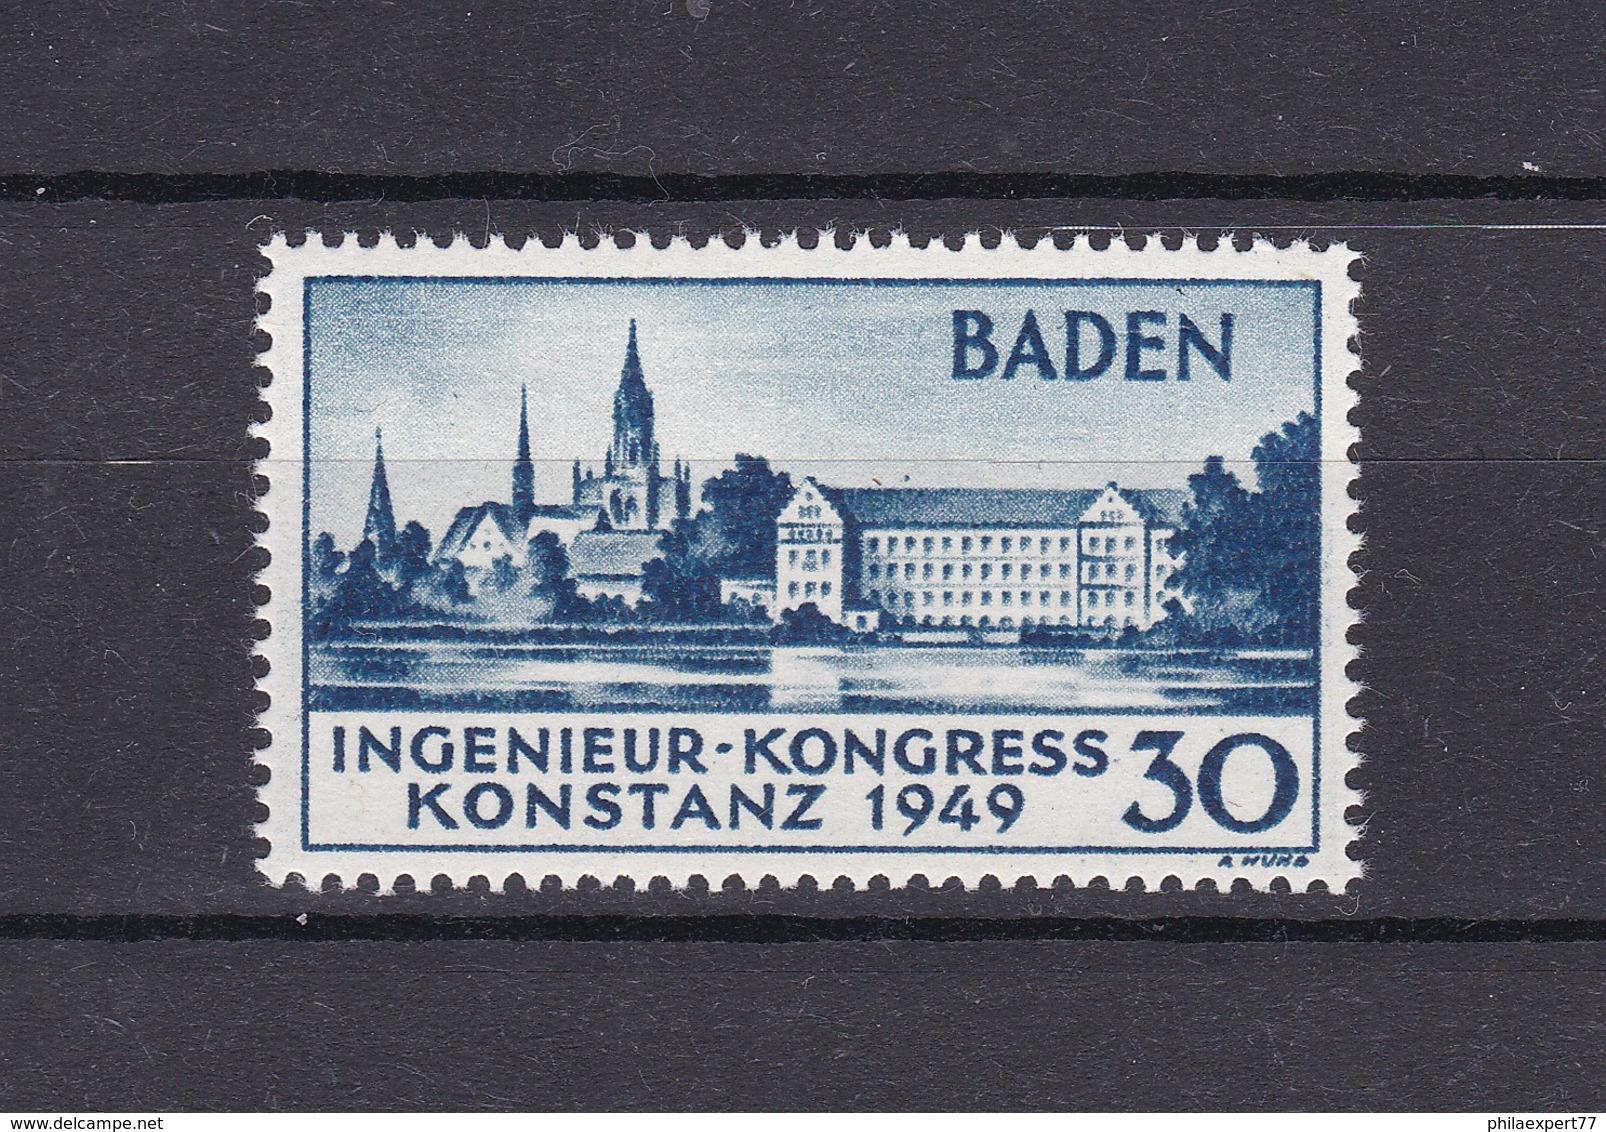 Baden - 1949 - Michel Nr.46 - Ungebr. - 26 Euro - Französische Zone